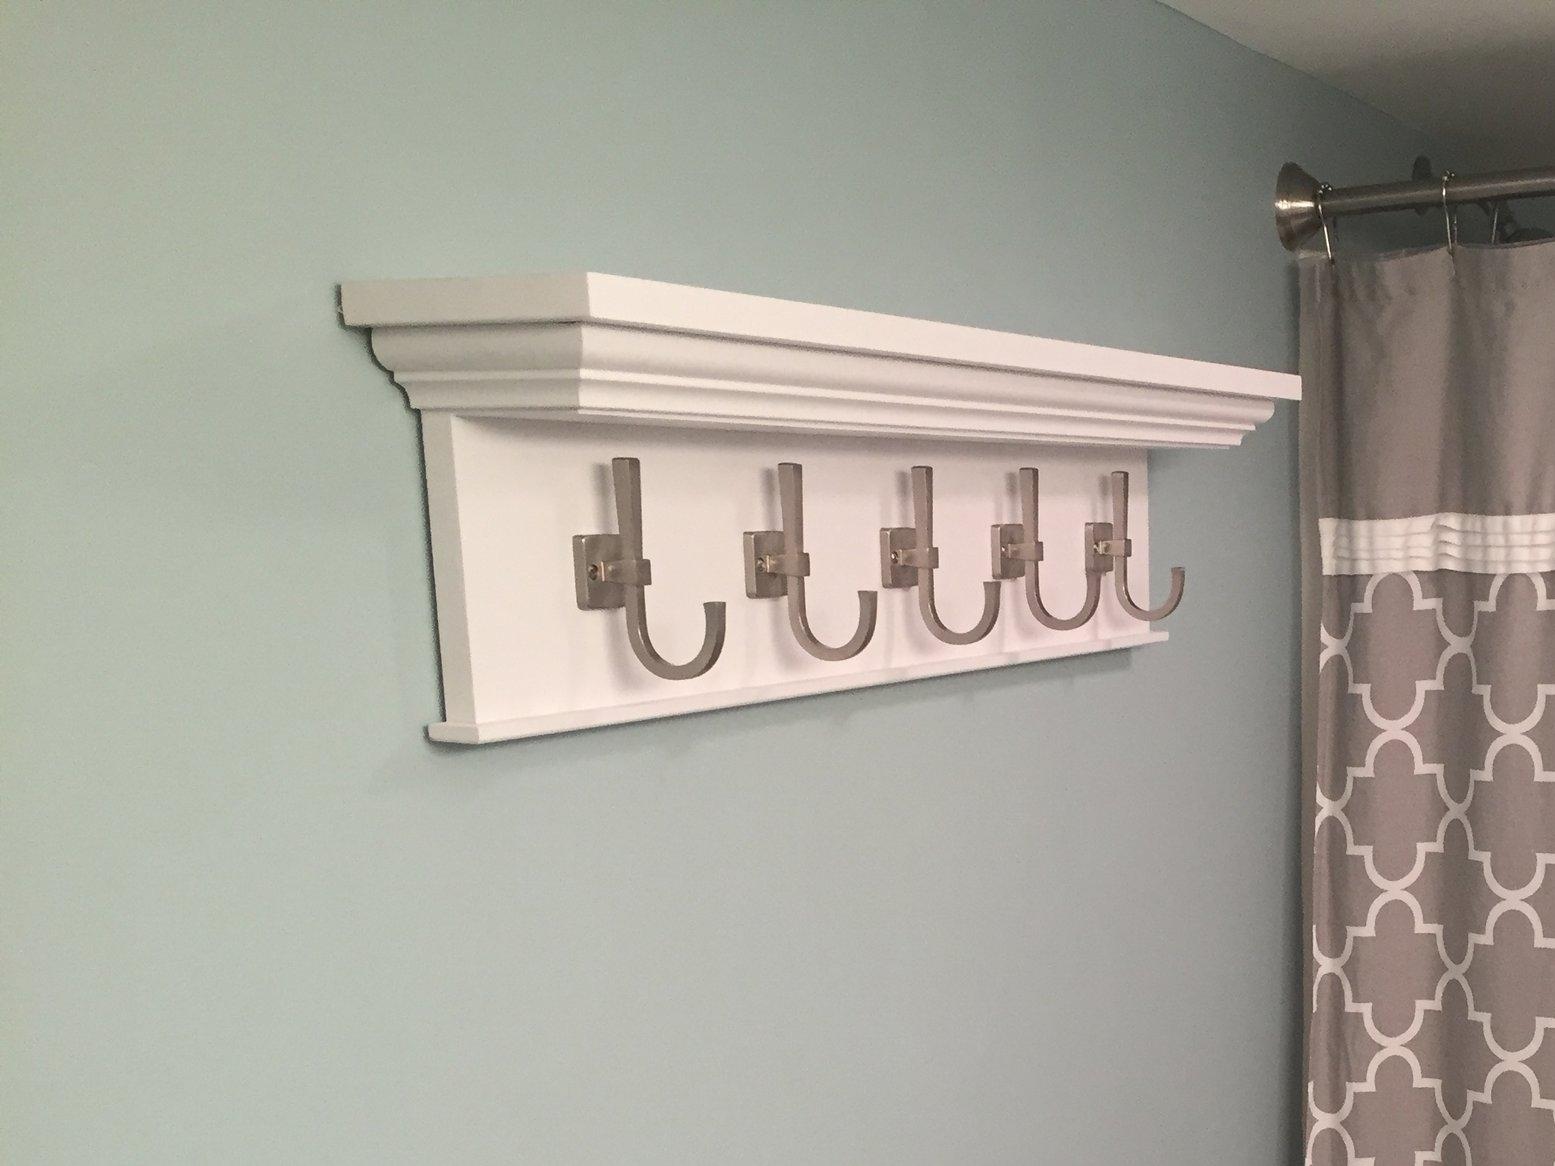 A Custom Towel Rack and Shelf!